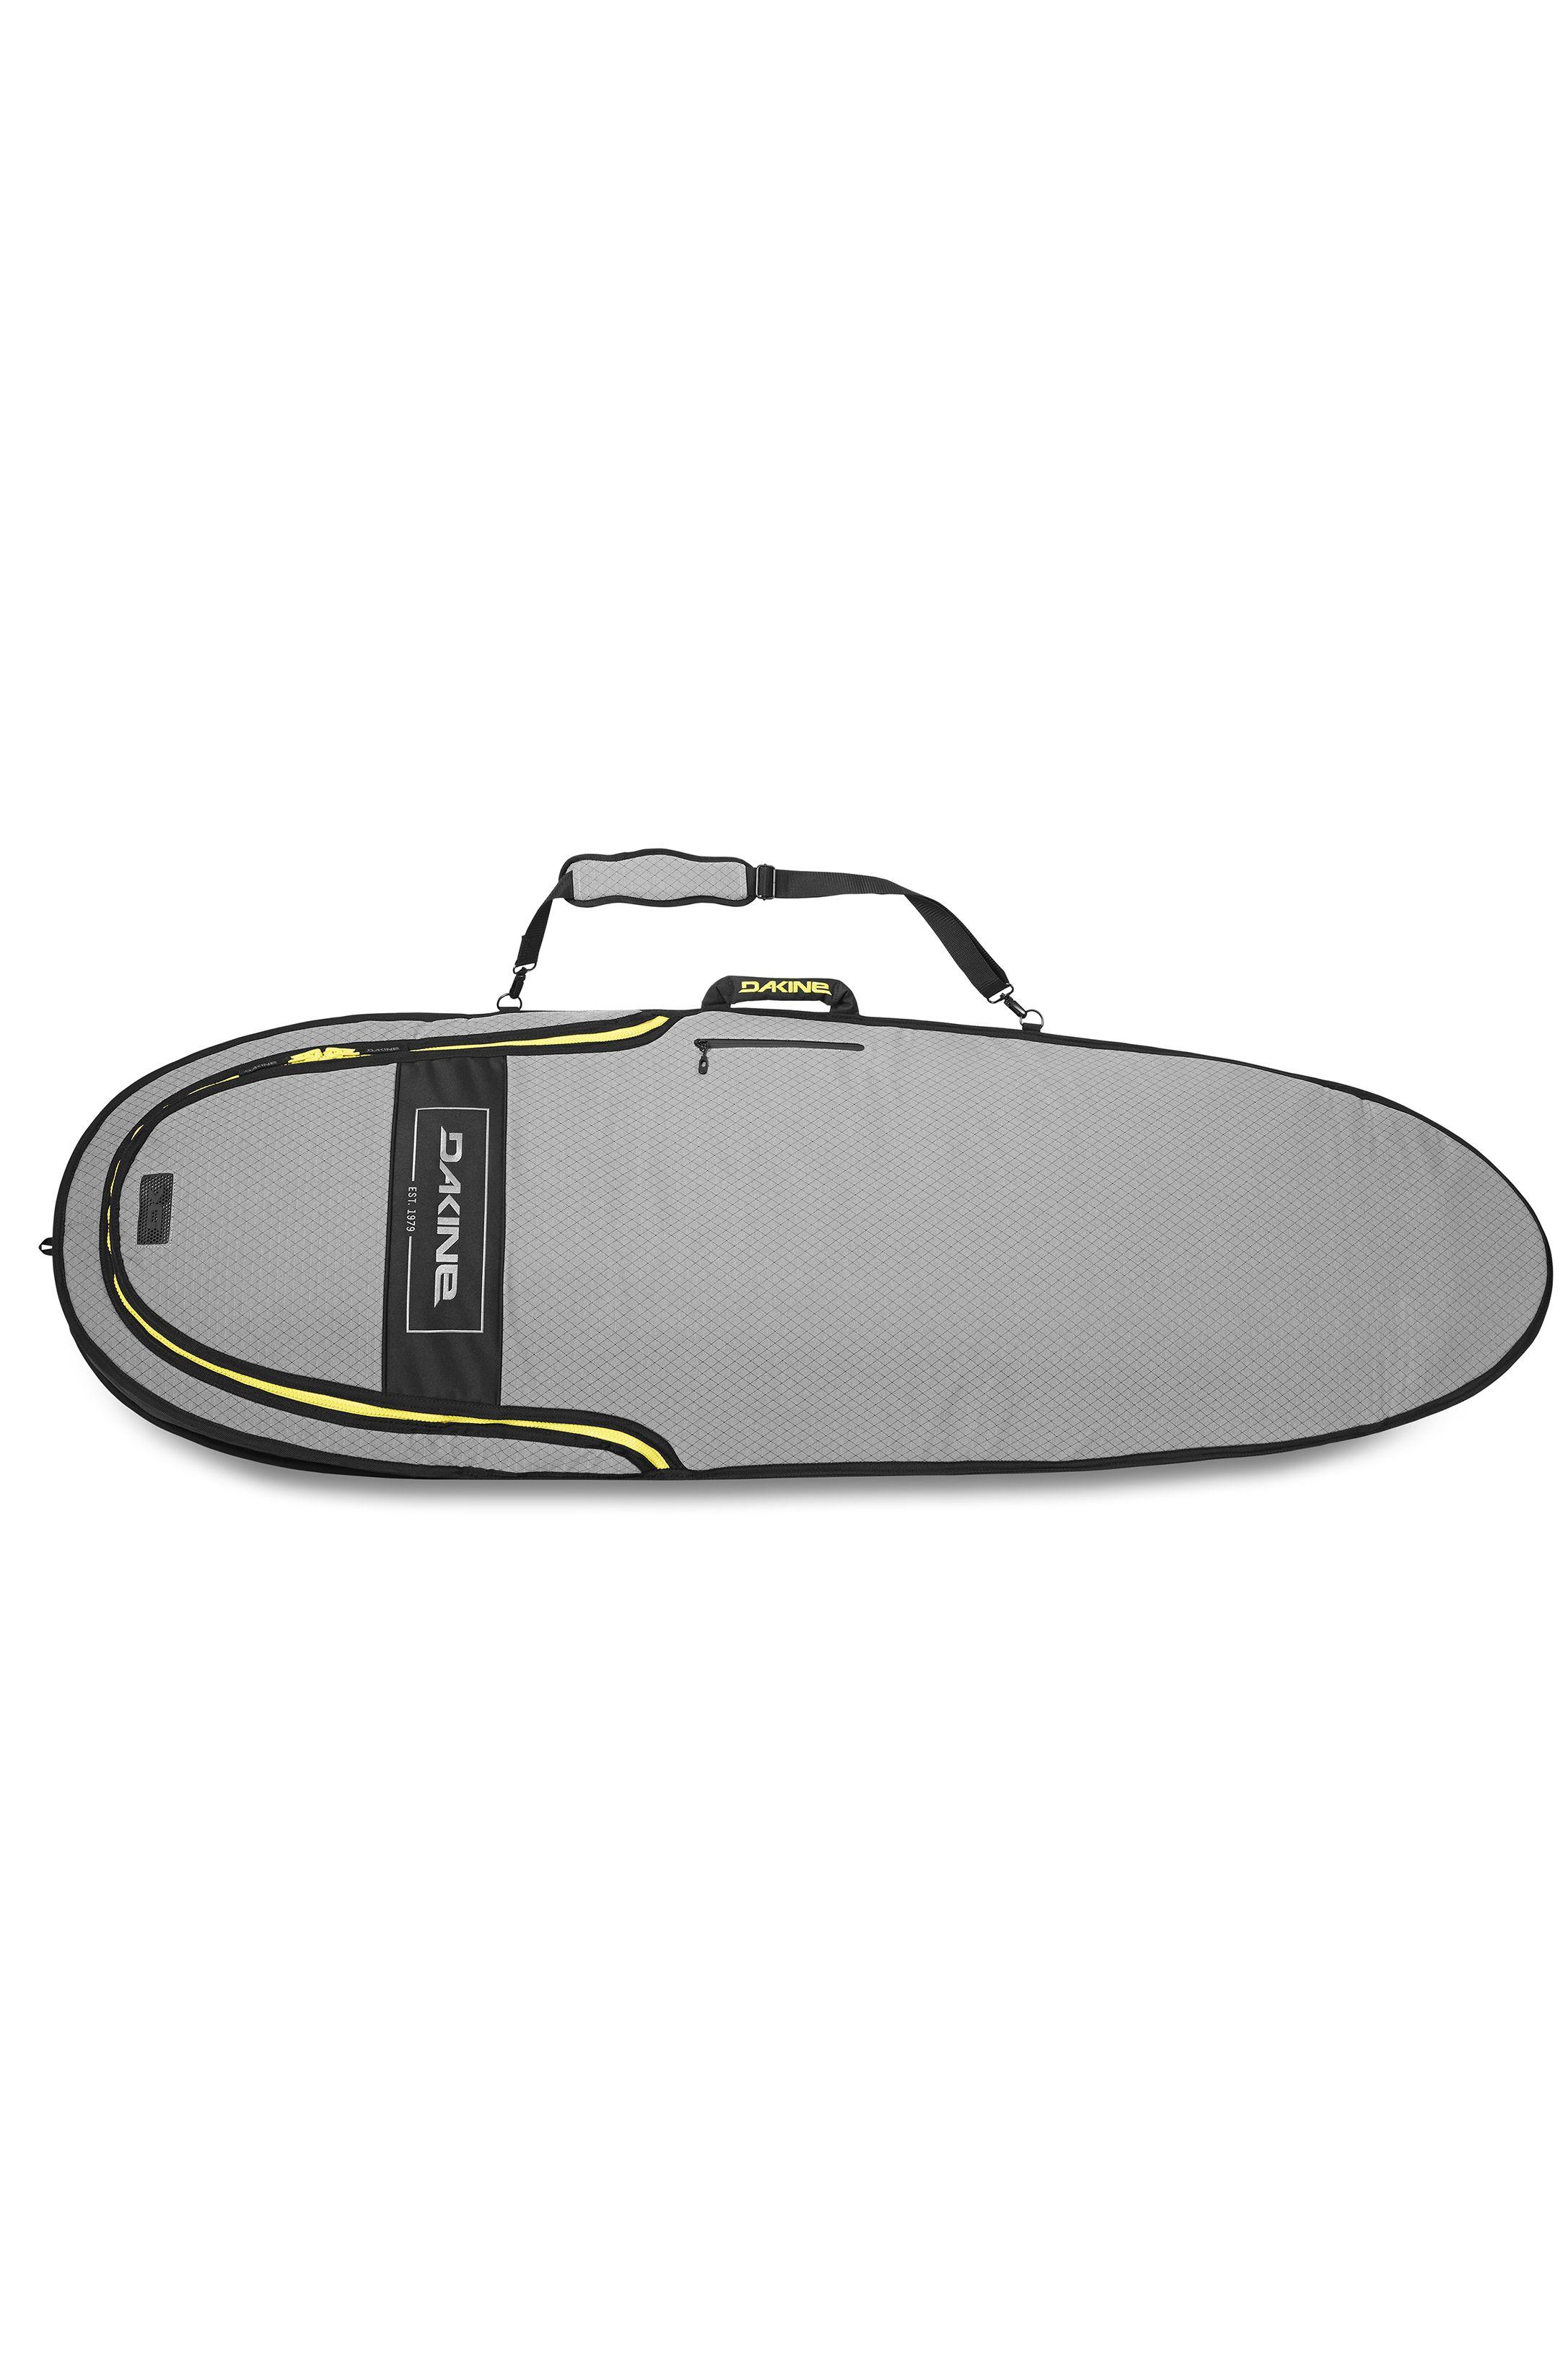 Dakine Boardbag 6'0 MISSION SURFBOARD BAG HYBRID Carbon